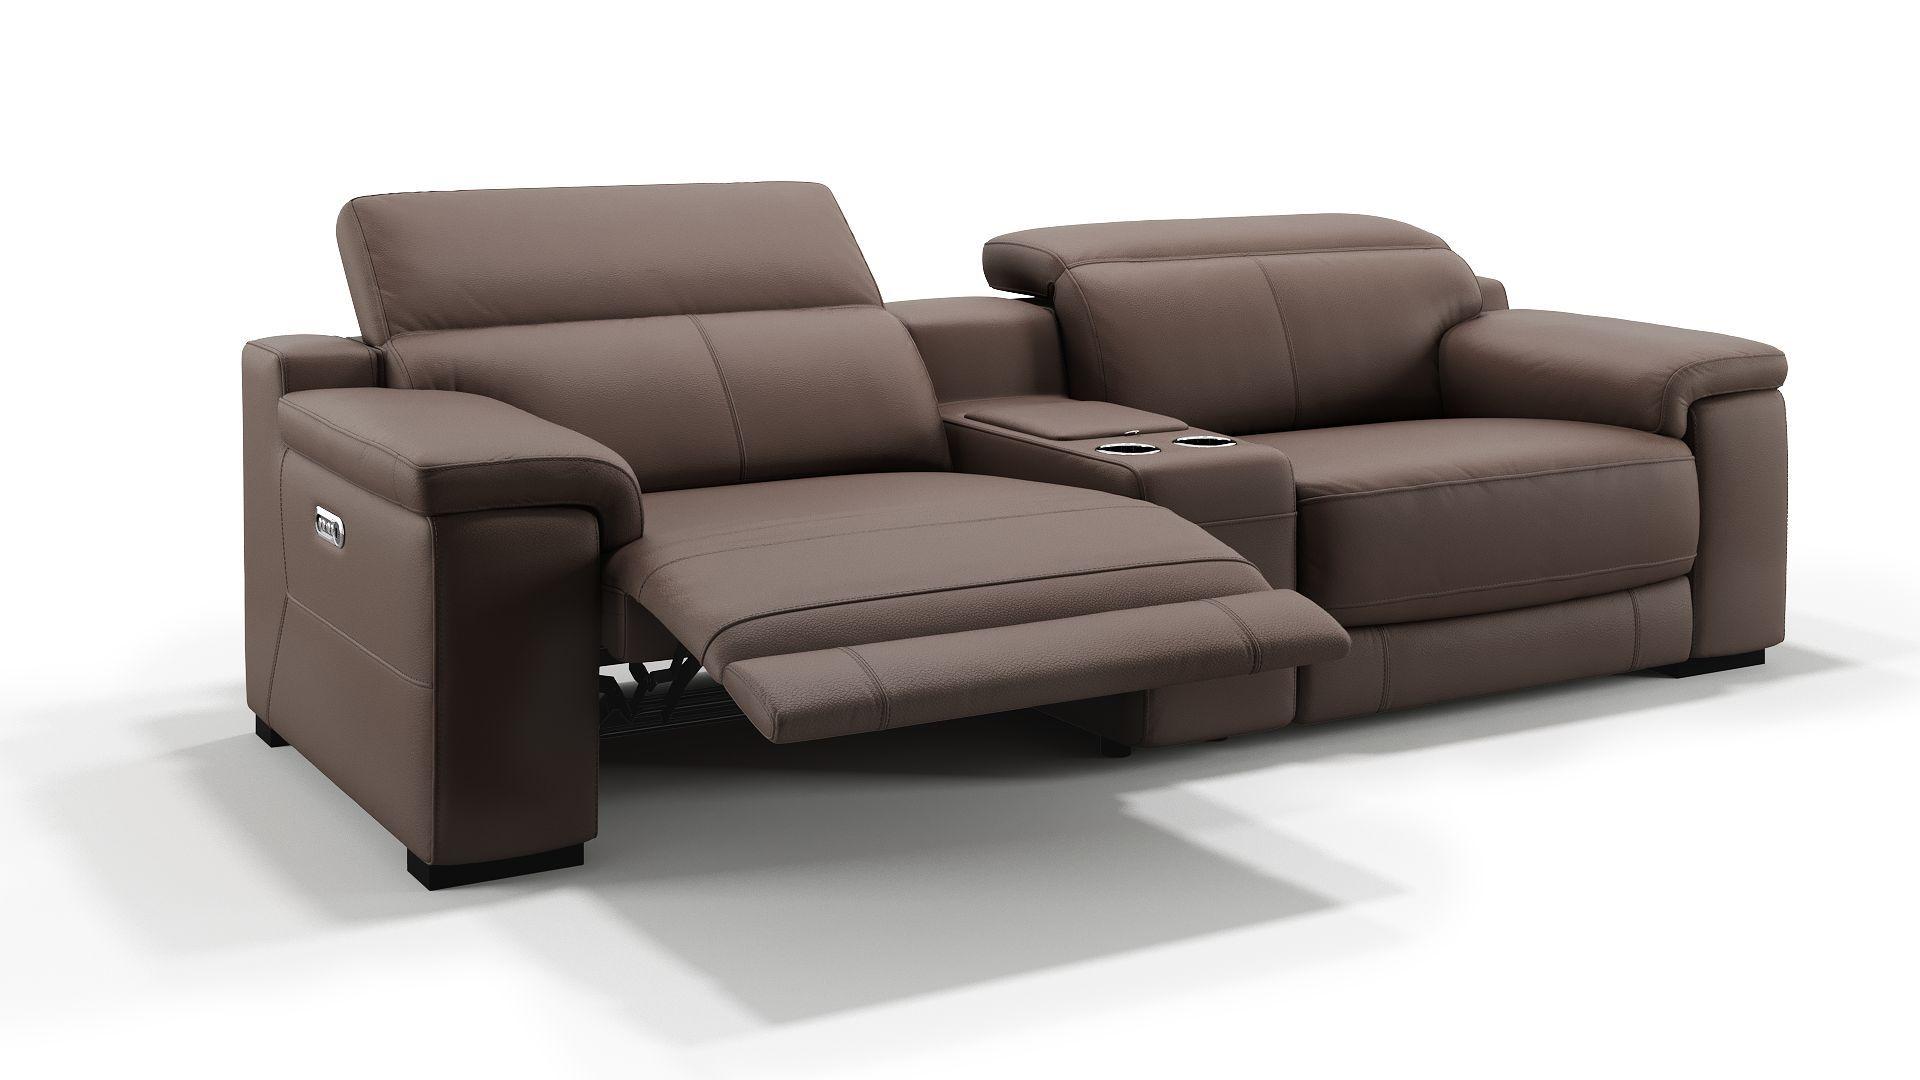 Details Elektrische Relaxfunktion Per Knopfdruck An Beiden Sitzen Elektrisch Nbsp Getrennt Verstellbare Kopflehnen Sofa In 2 Gr Ledersofa Heimkino Couch Sofa